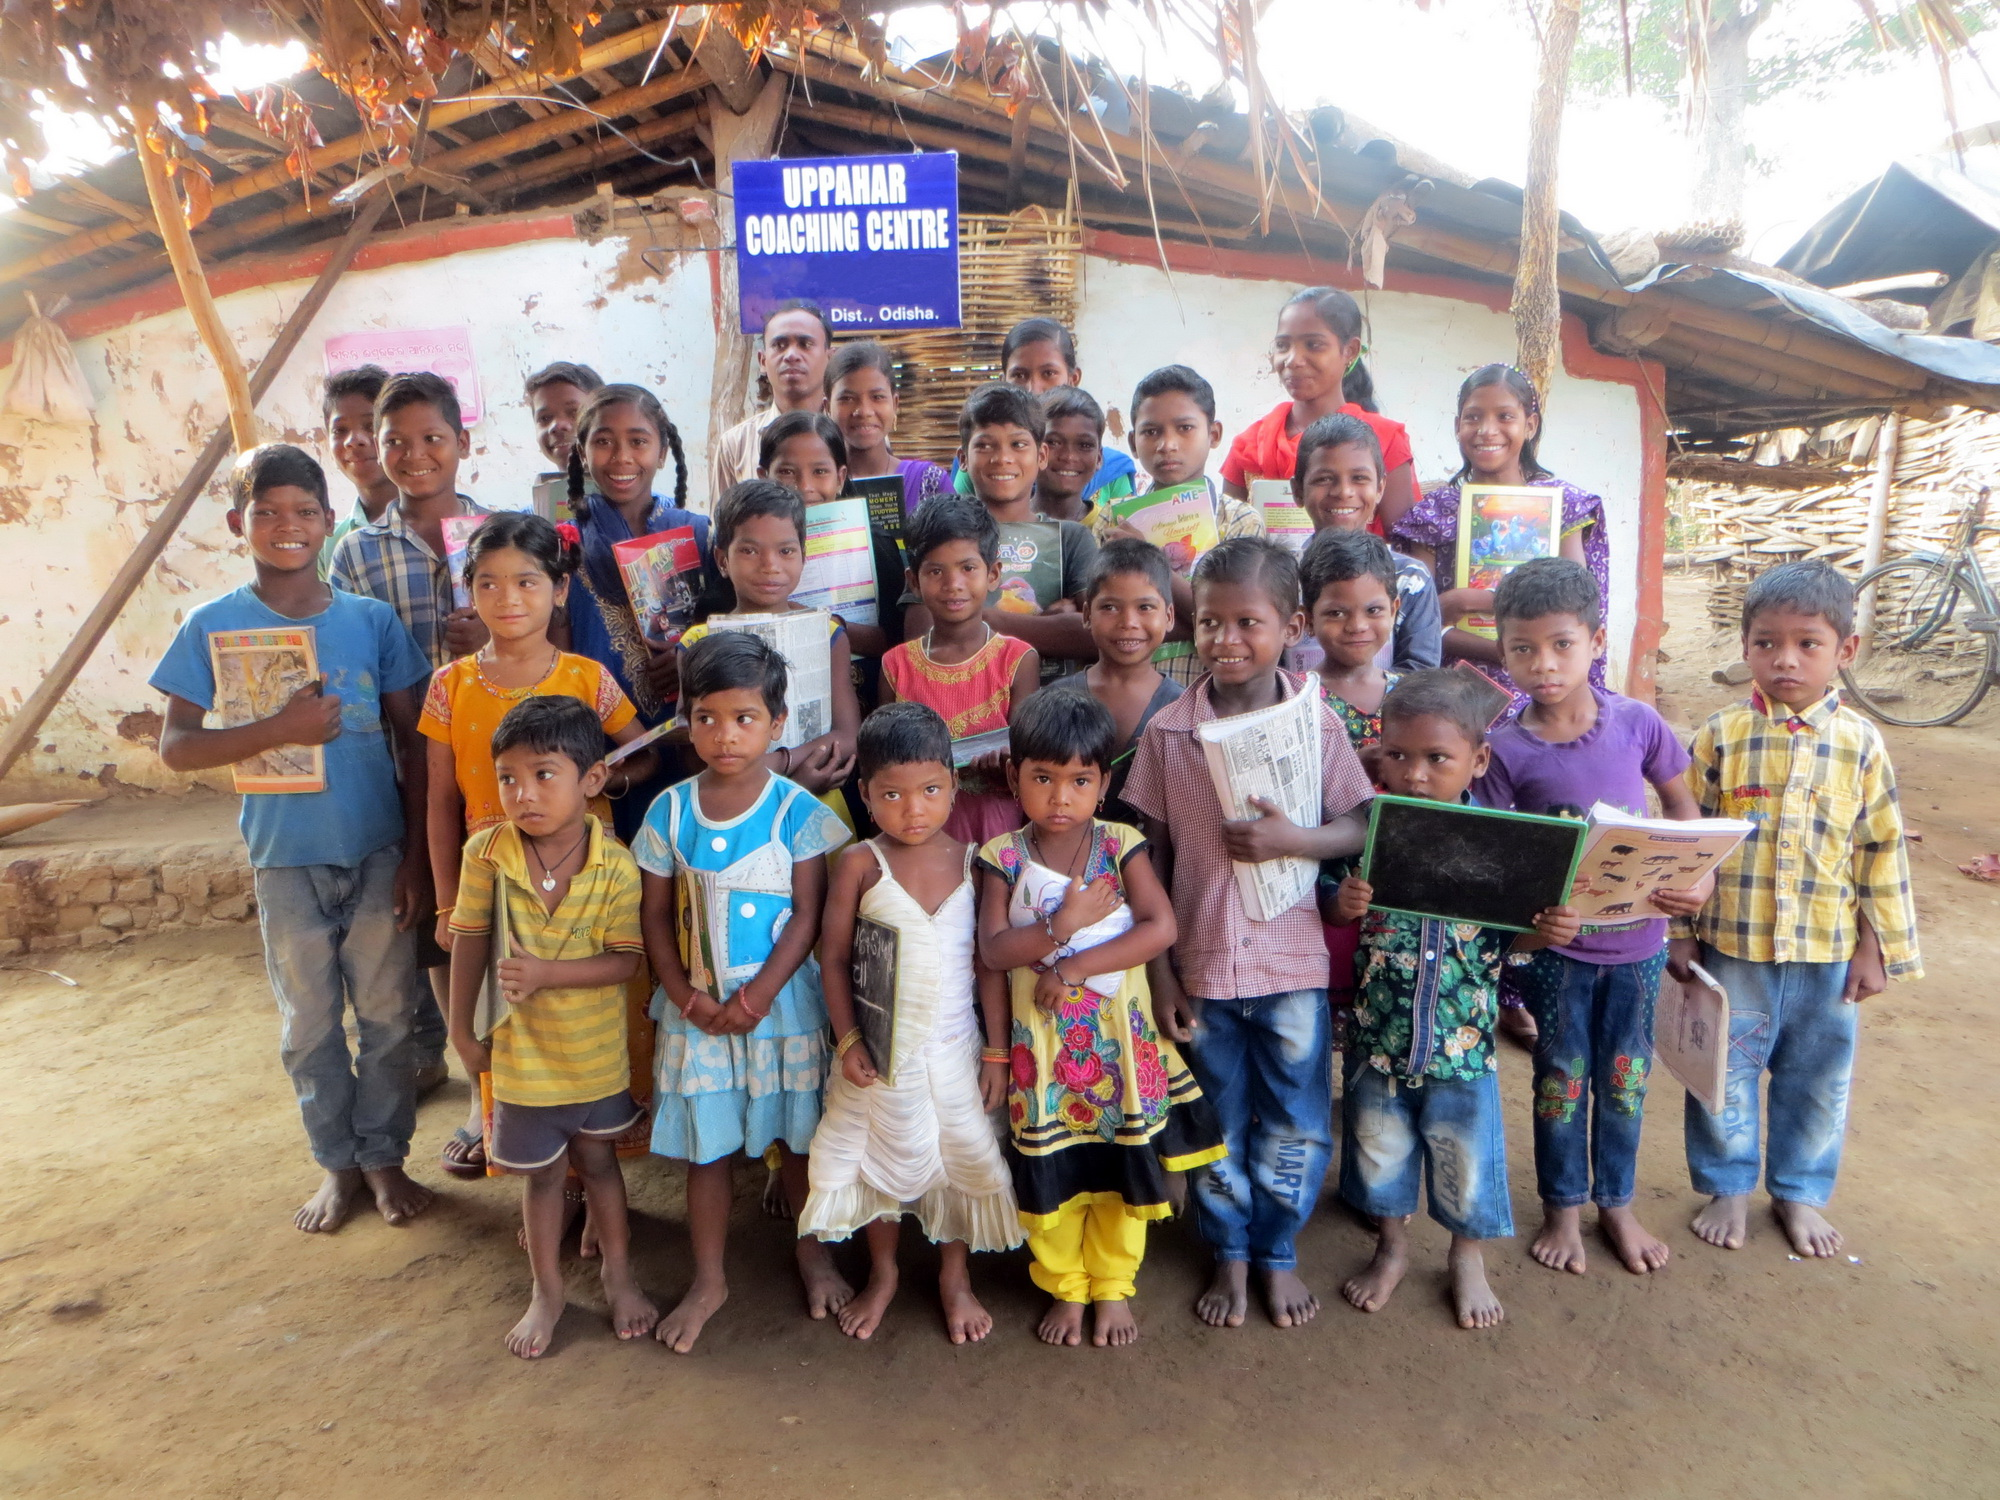 Dorf-Kindertagesstätte in Indien, die Nachhilfe für diese Kinder ermöglicht ihnen, die Schule mit einem guten Abschluss zu beschließen.